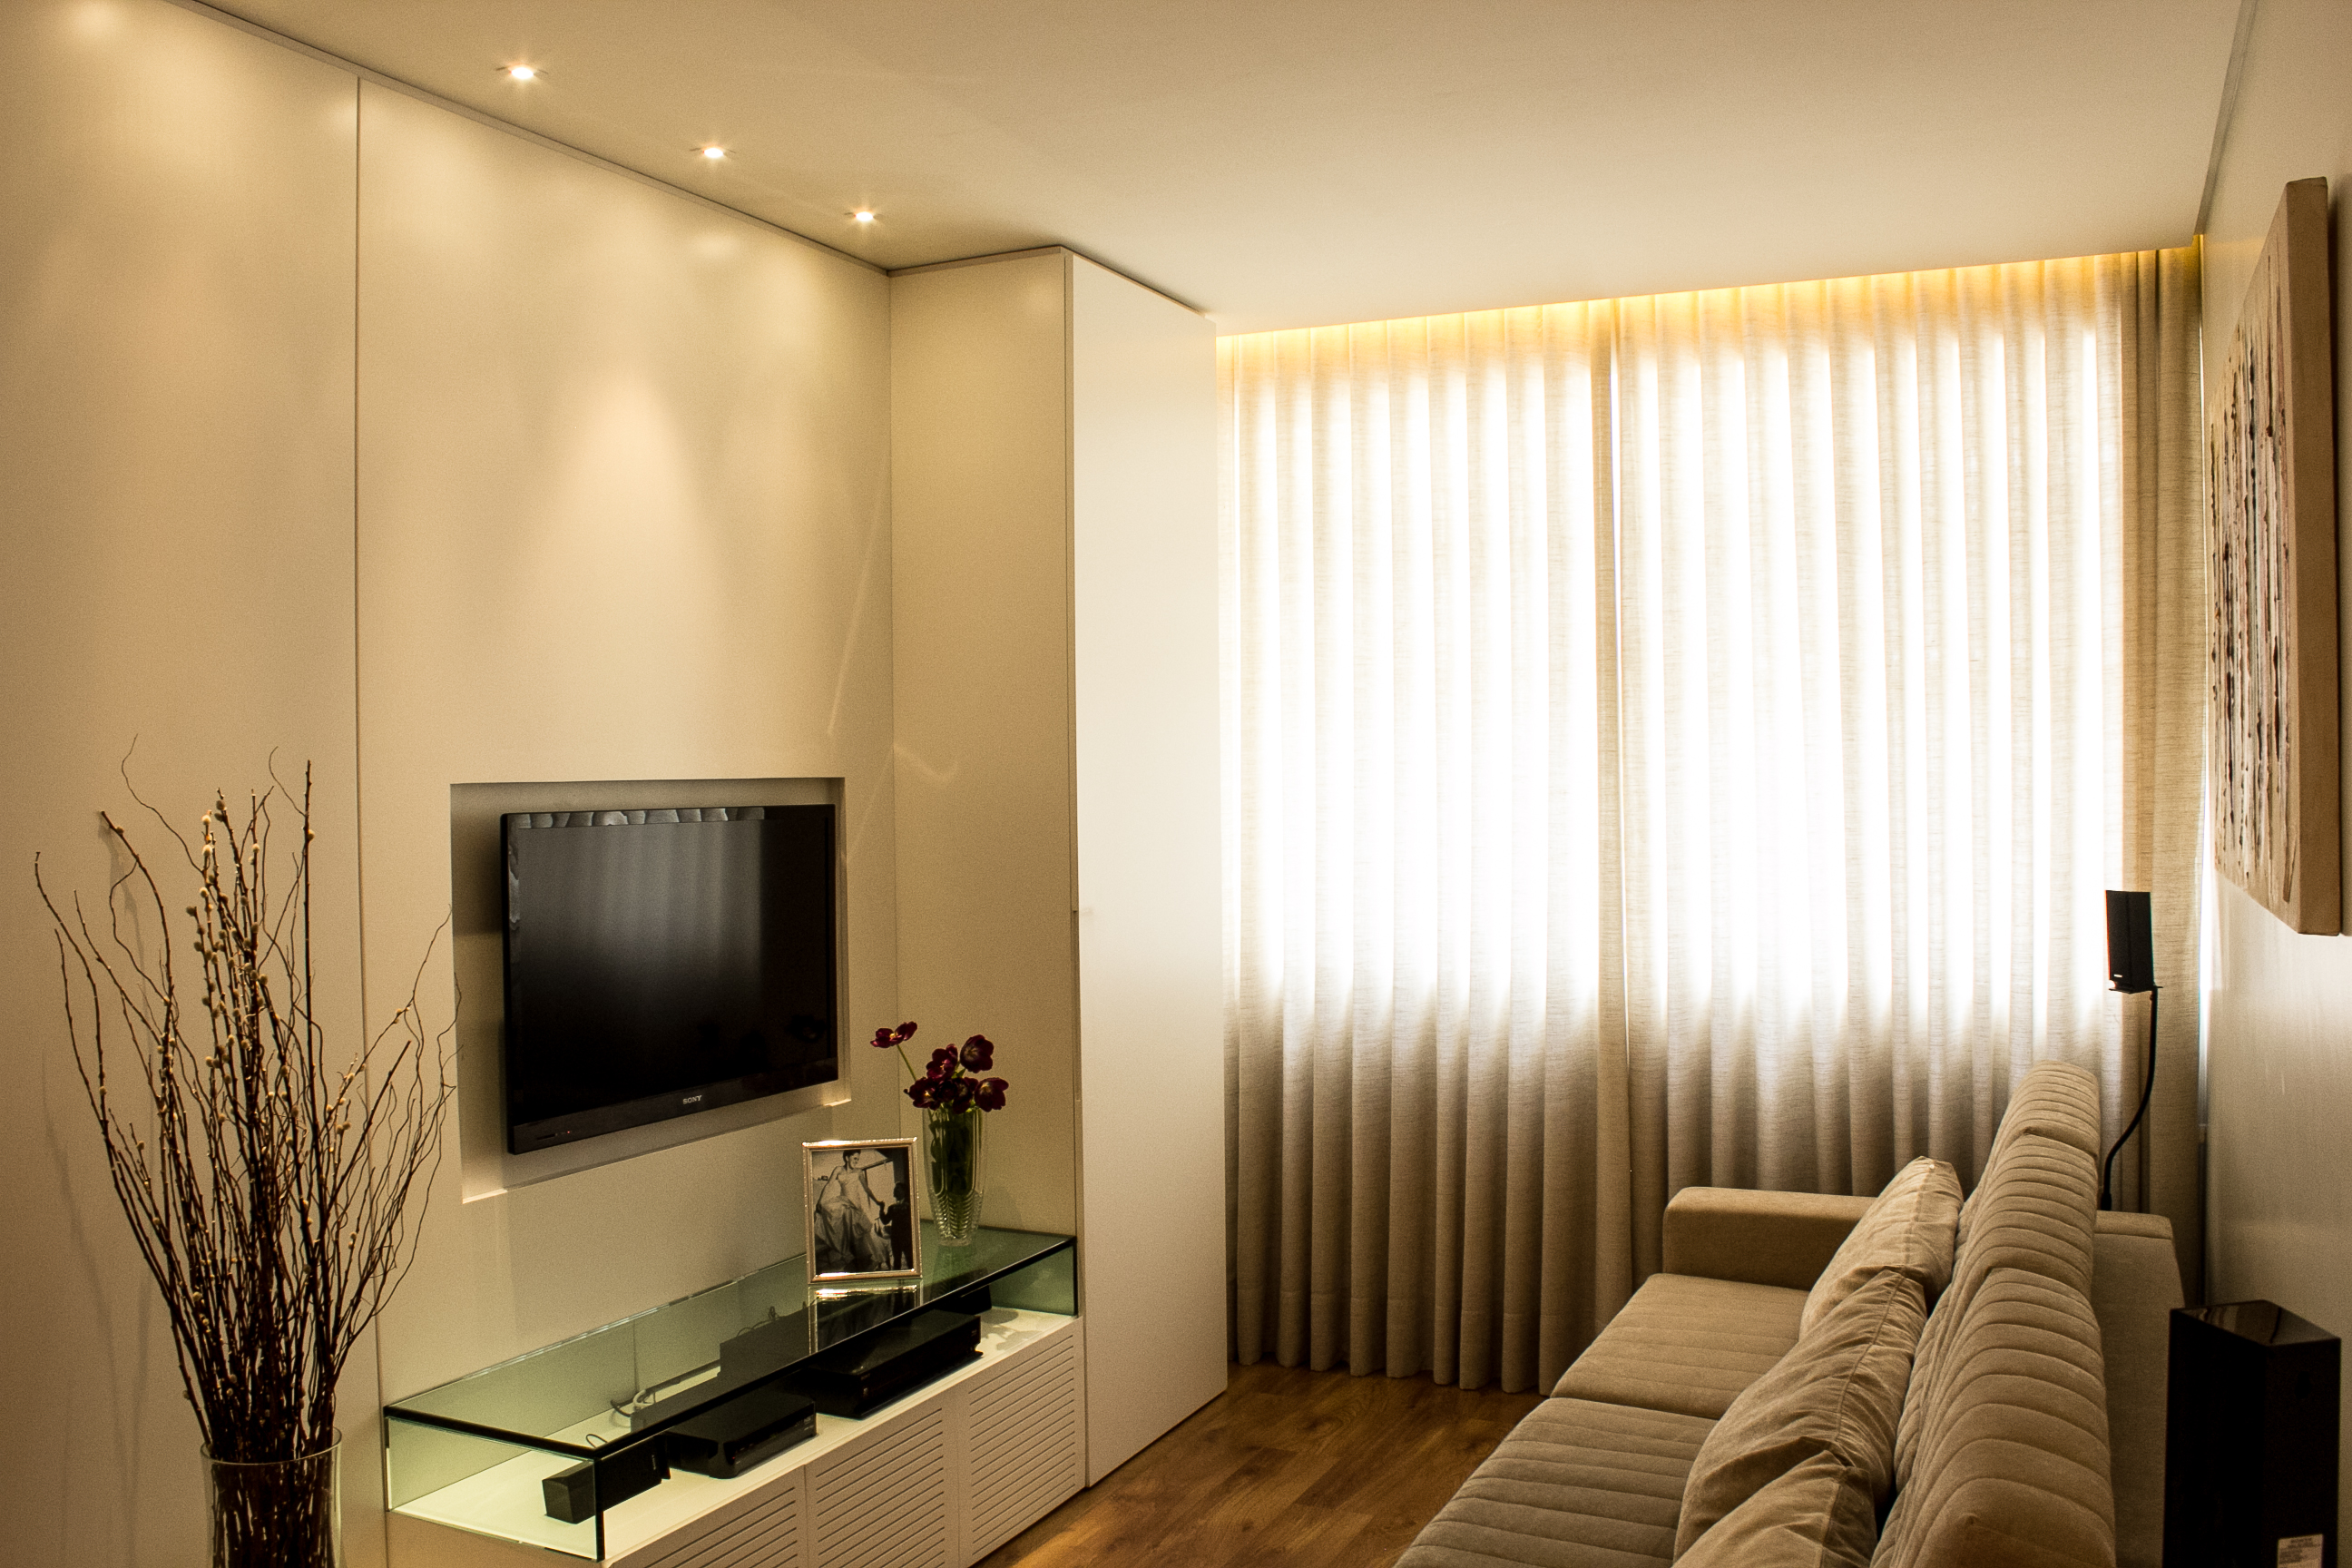 reforma de sala de estar em BH. Projeto arquitetônico para apartamento